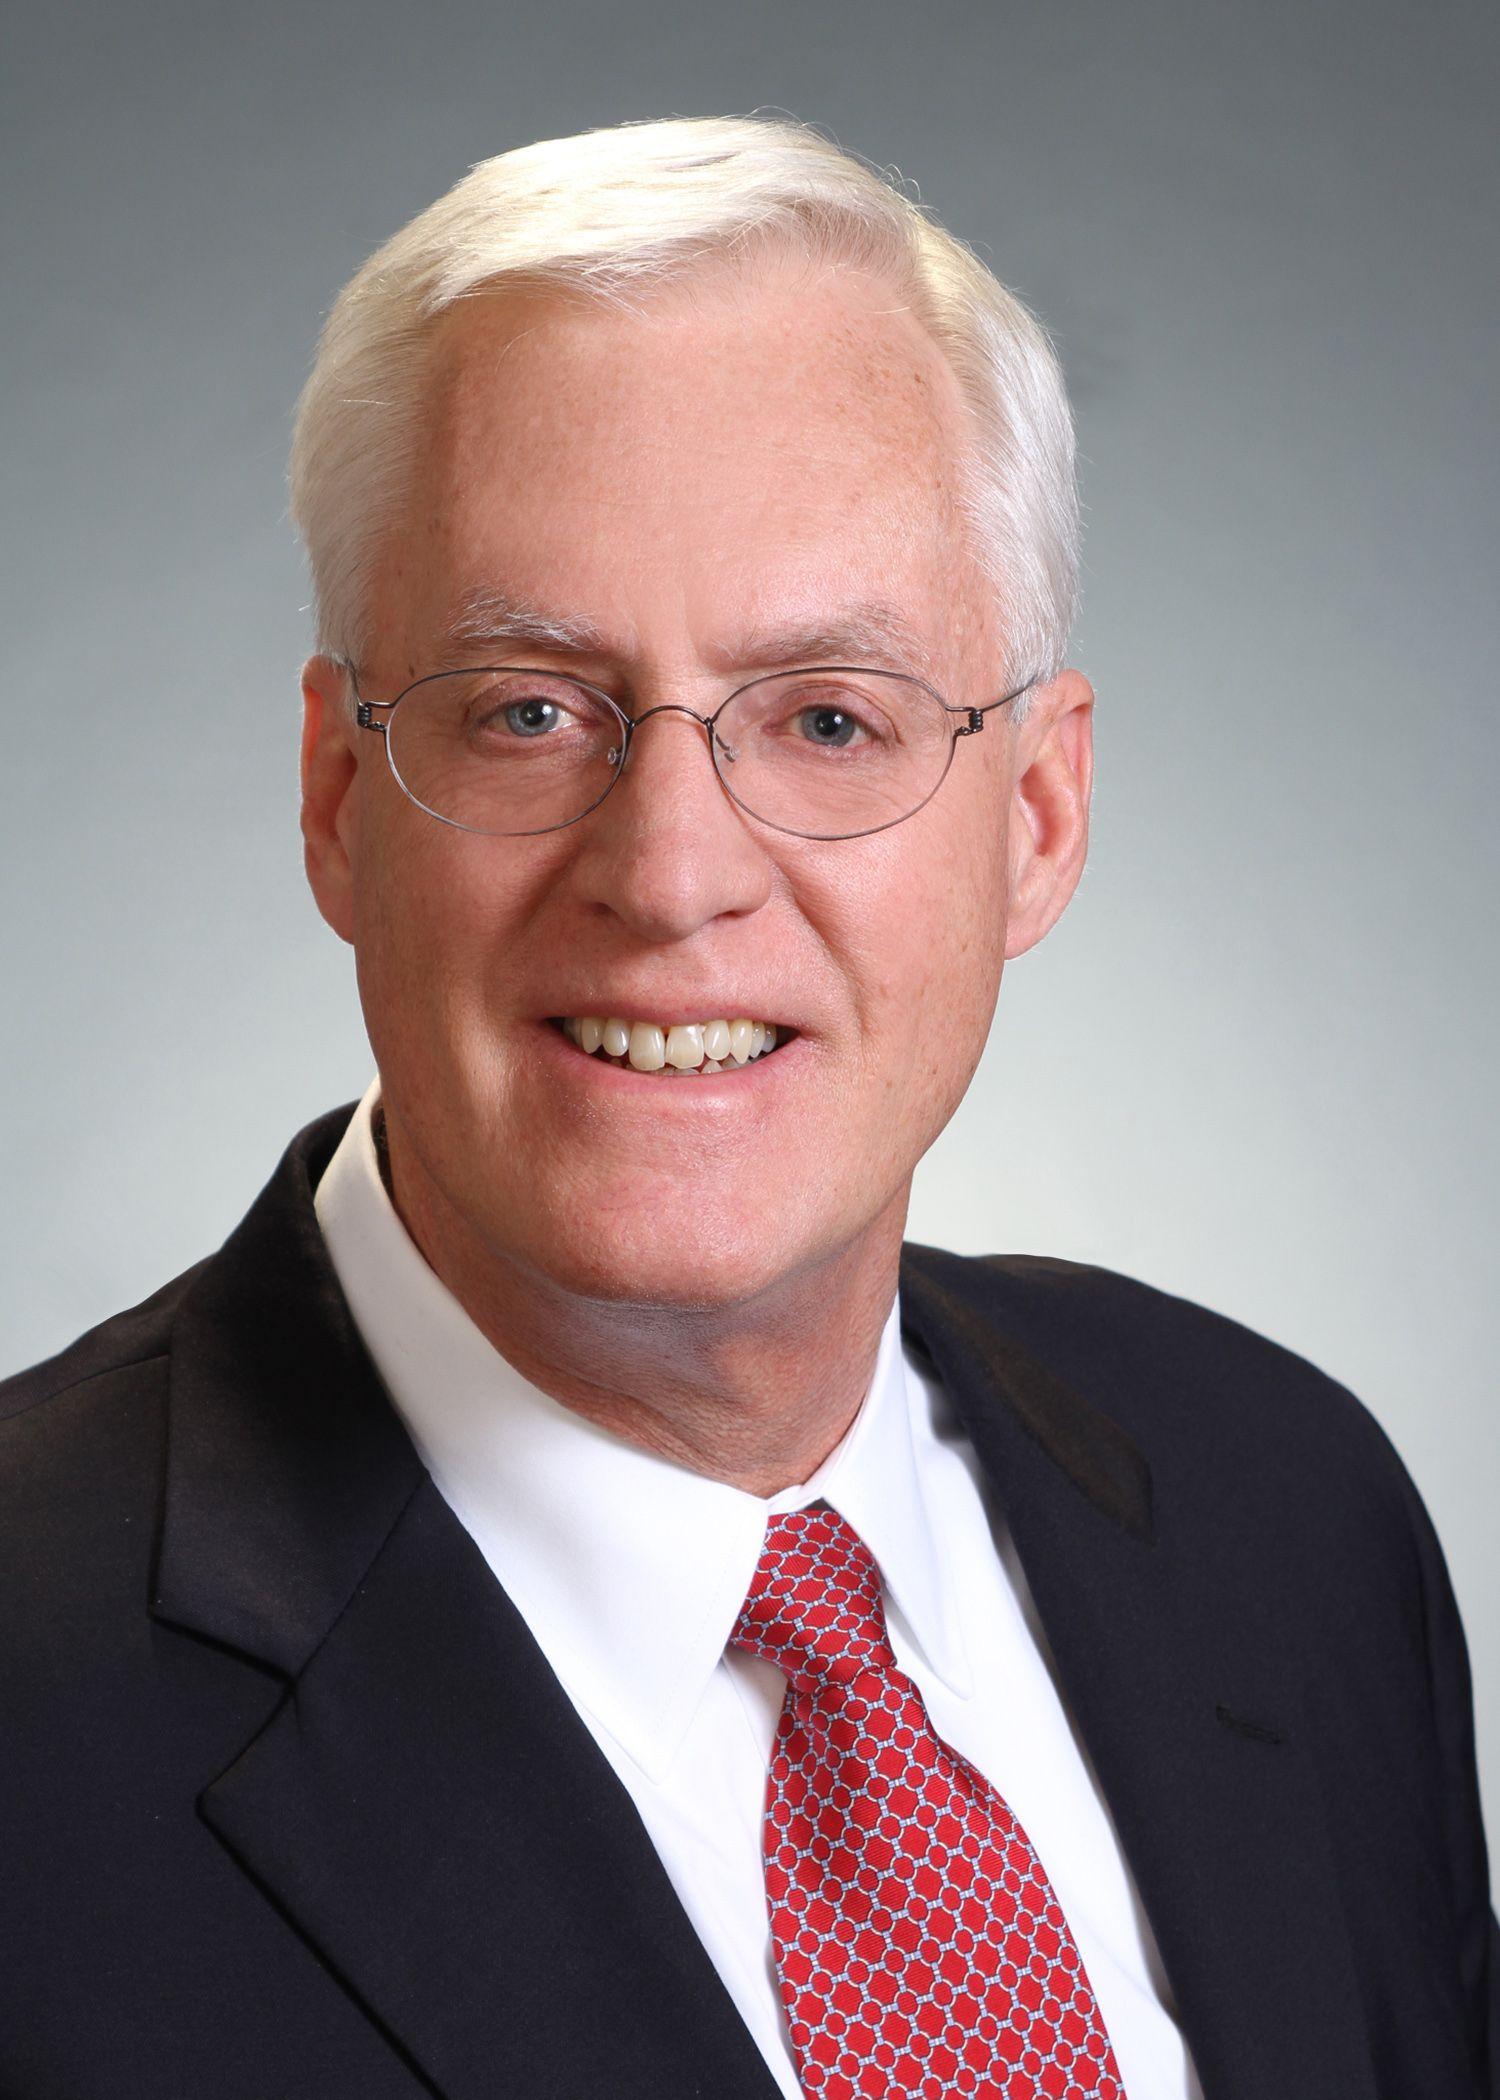 Kenneth M. Fischer, CPA, CGMA, CEPA